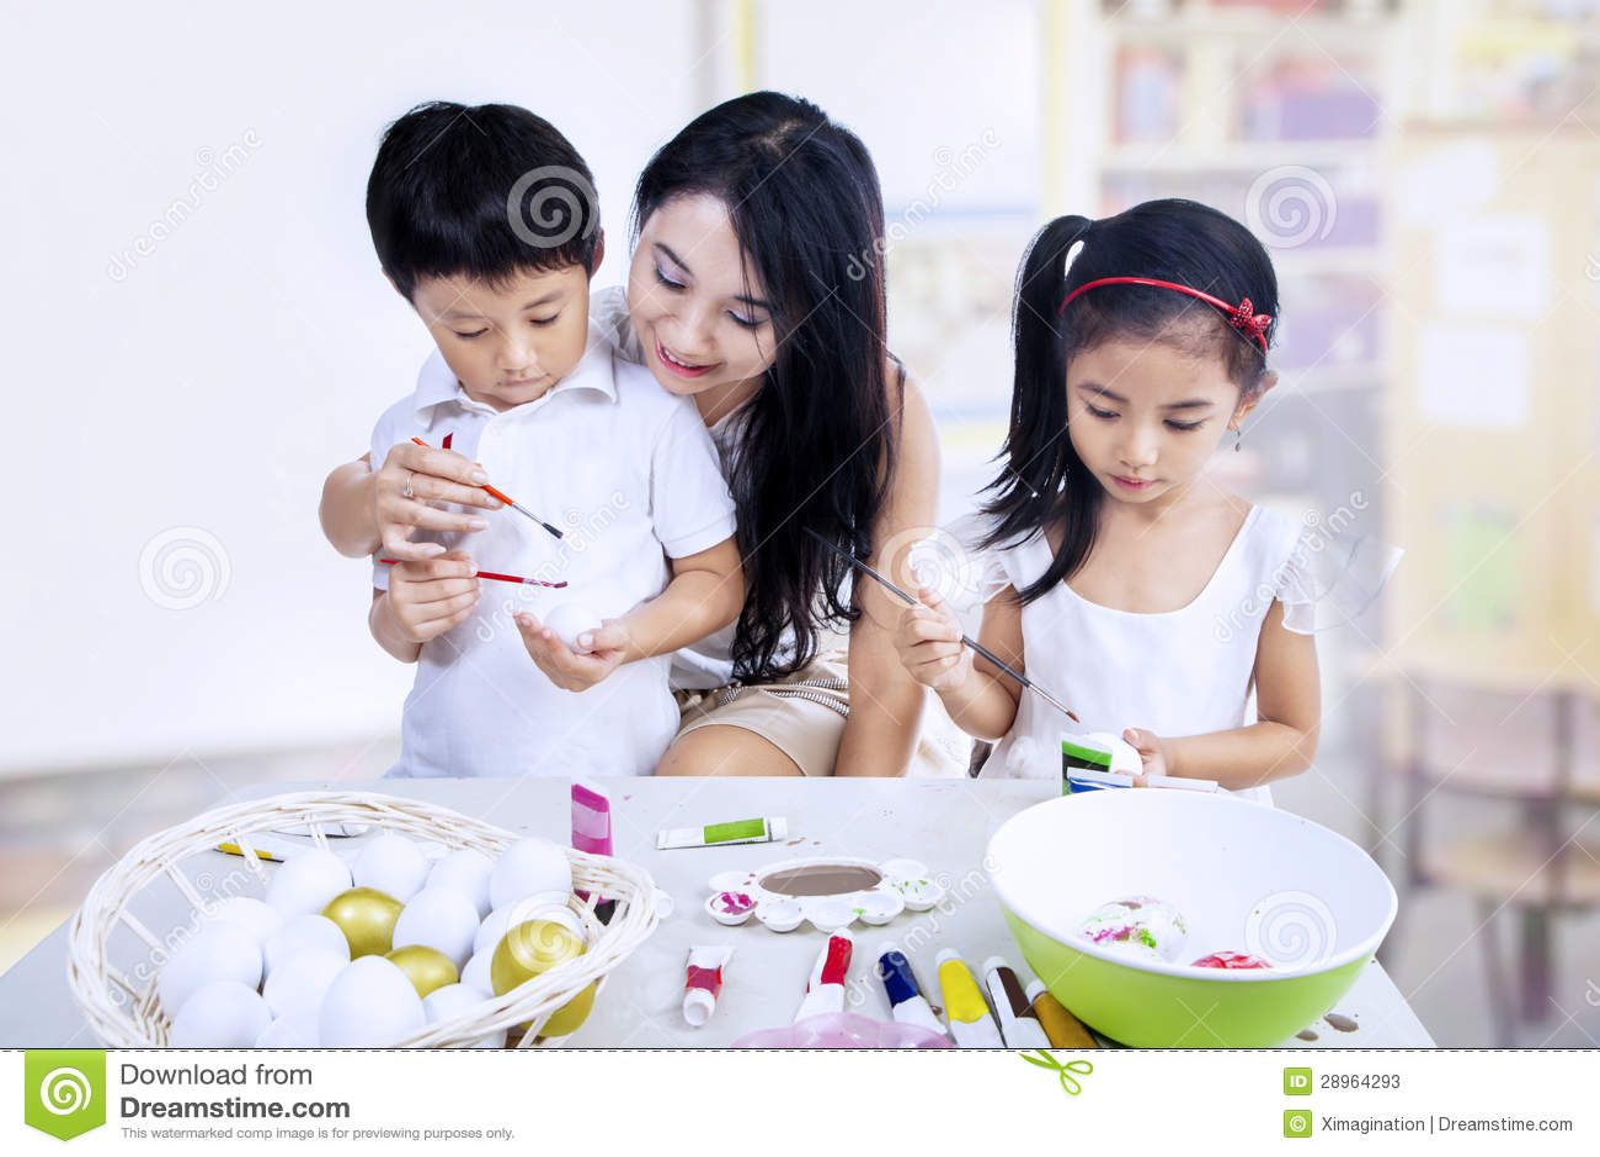 Dzieci maluje jajka w klasie